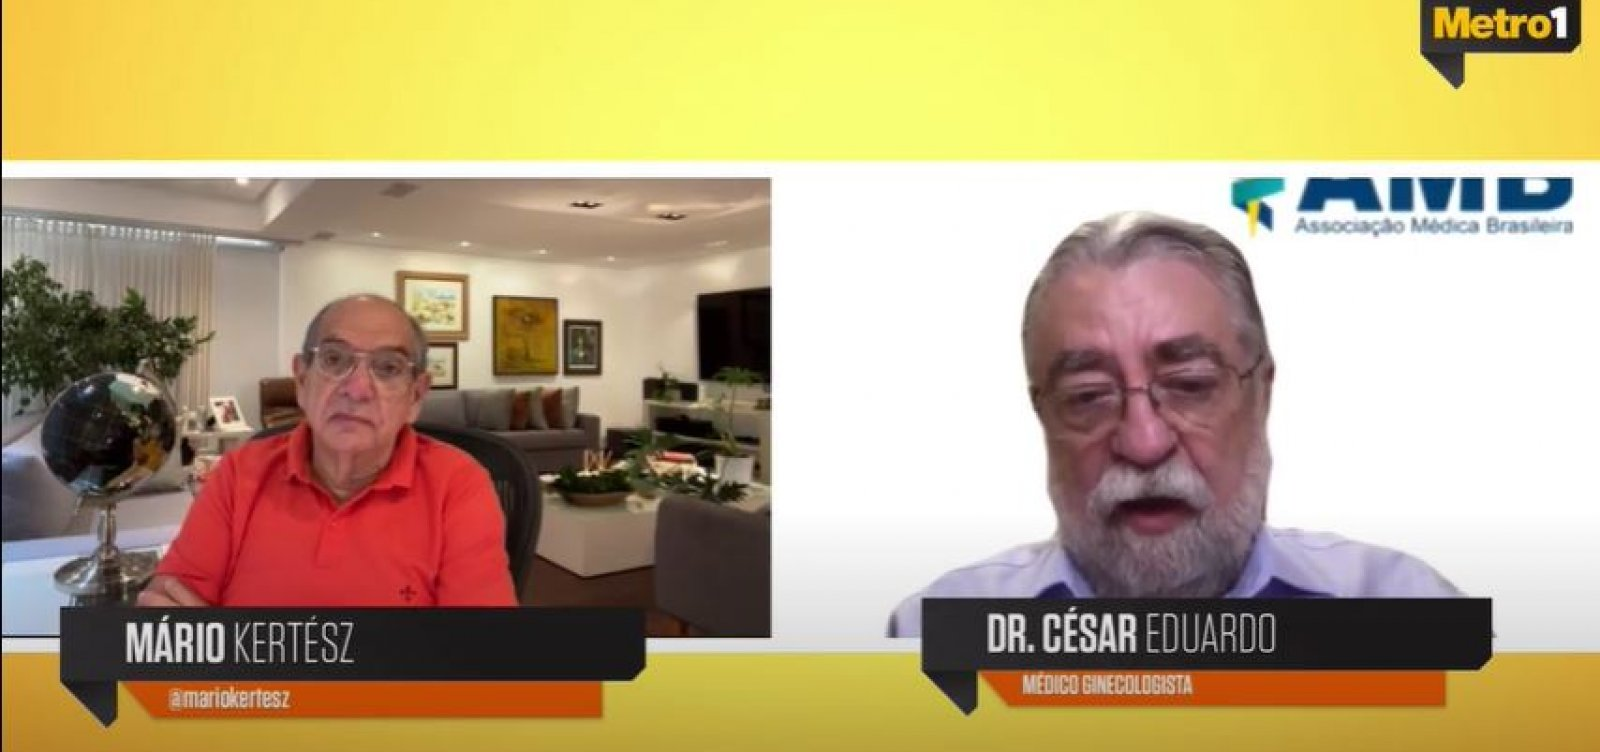 Medicina não pode seguir correntes ideológicas, diz presidente da Associação Médica do Brasil